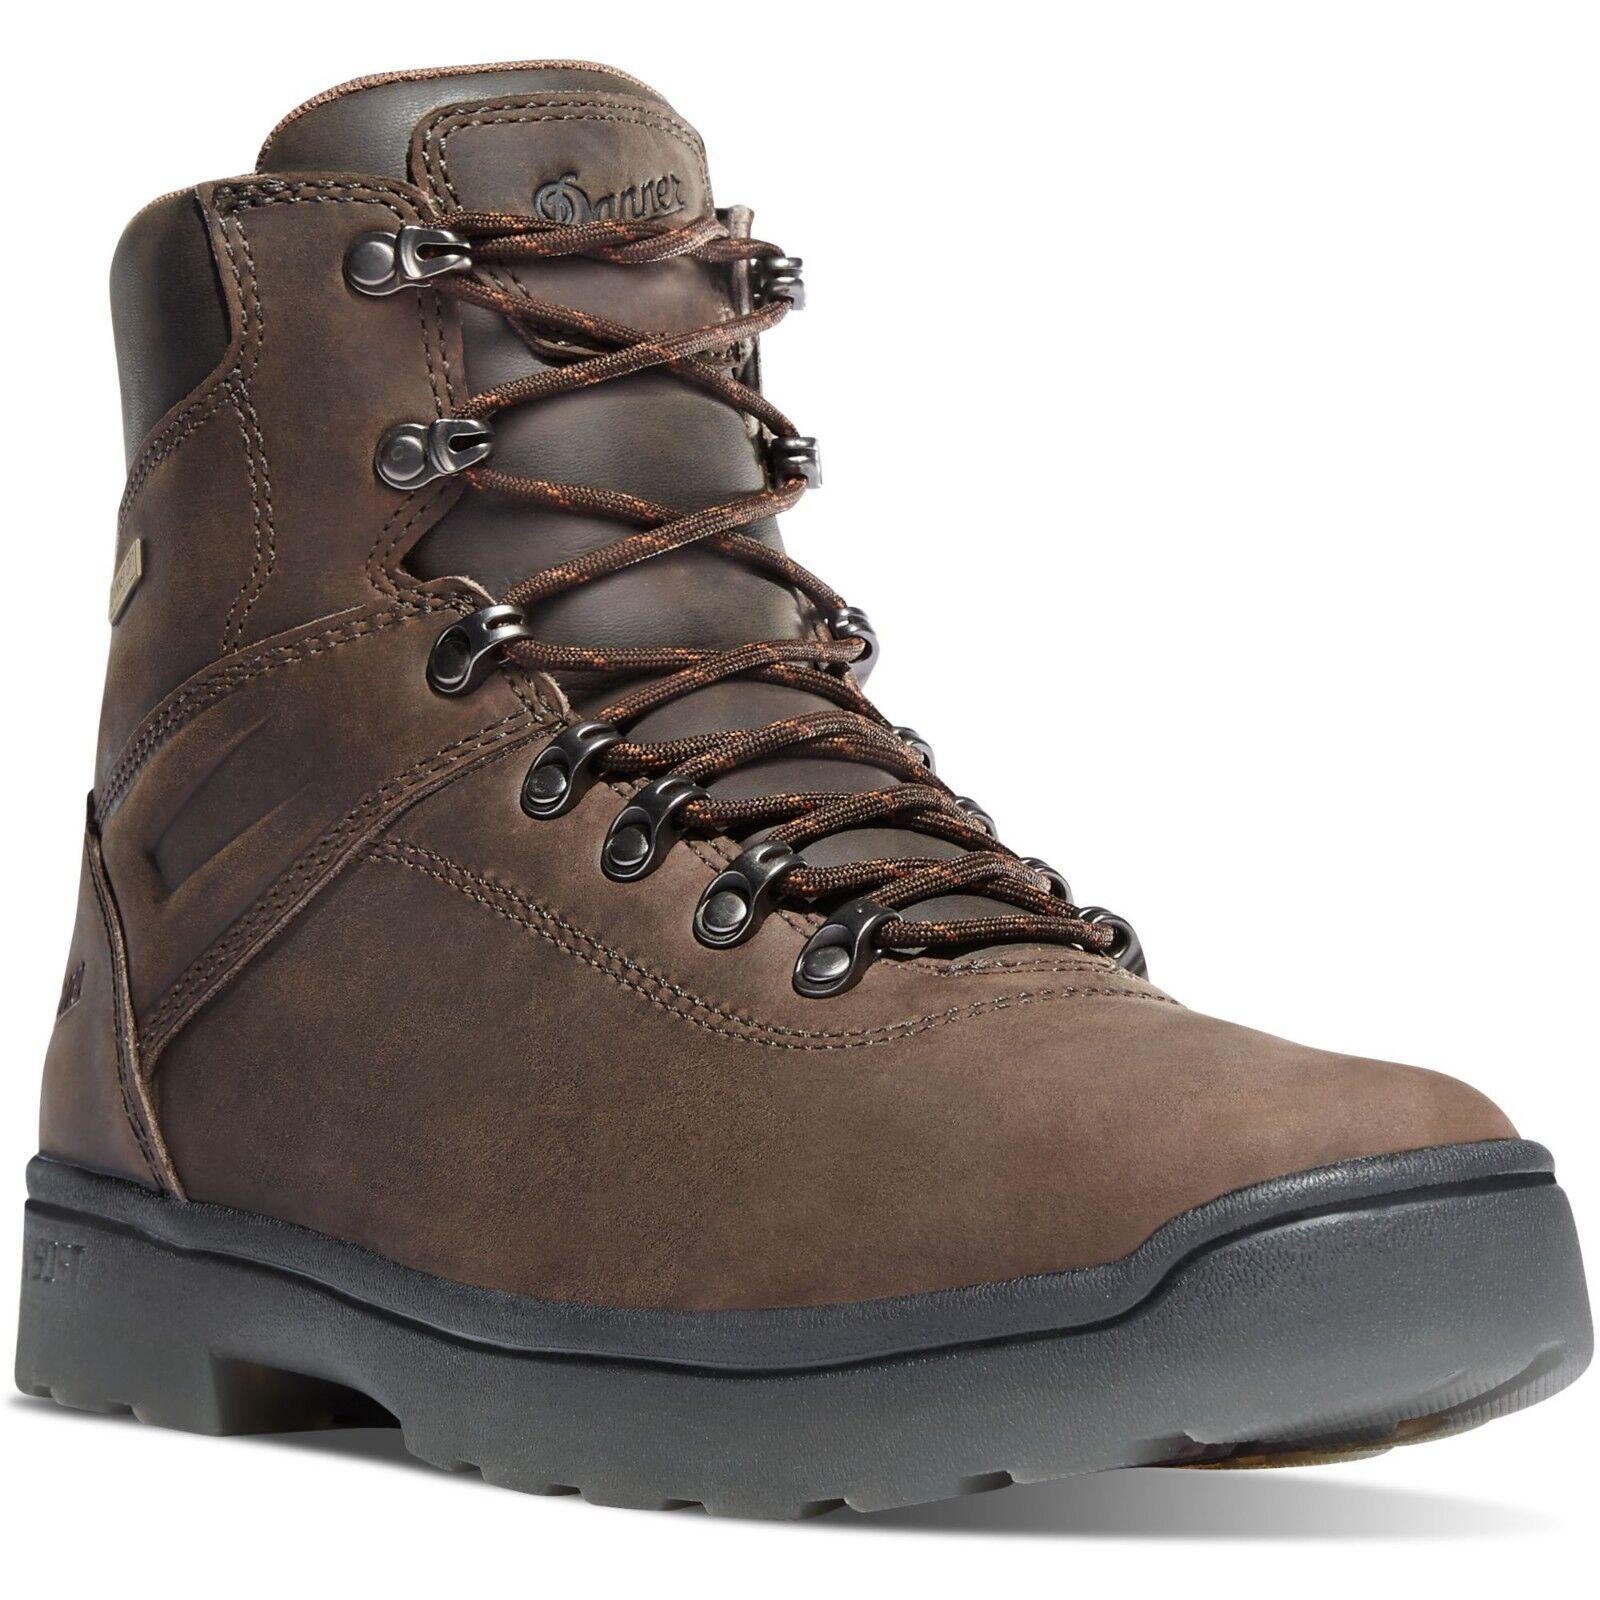 Danner para hombre 14733 IronSoft 6  Cuero Marrón Comp Toe grupo Telefónico Móvil Nórdico botas Zapatos De Seguridad EH